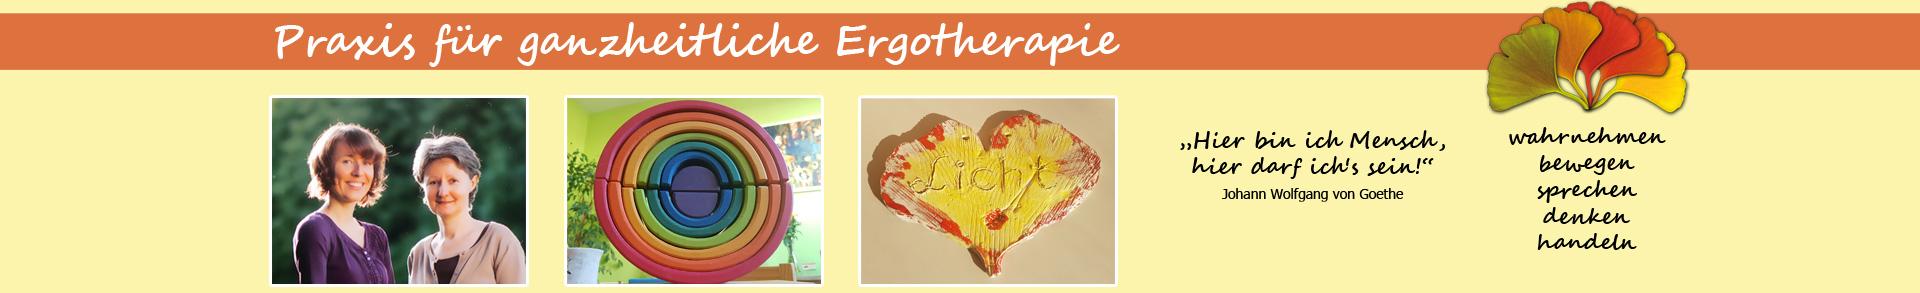 Ergotherapie in Chemnitz – Isabell Ewert